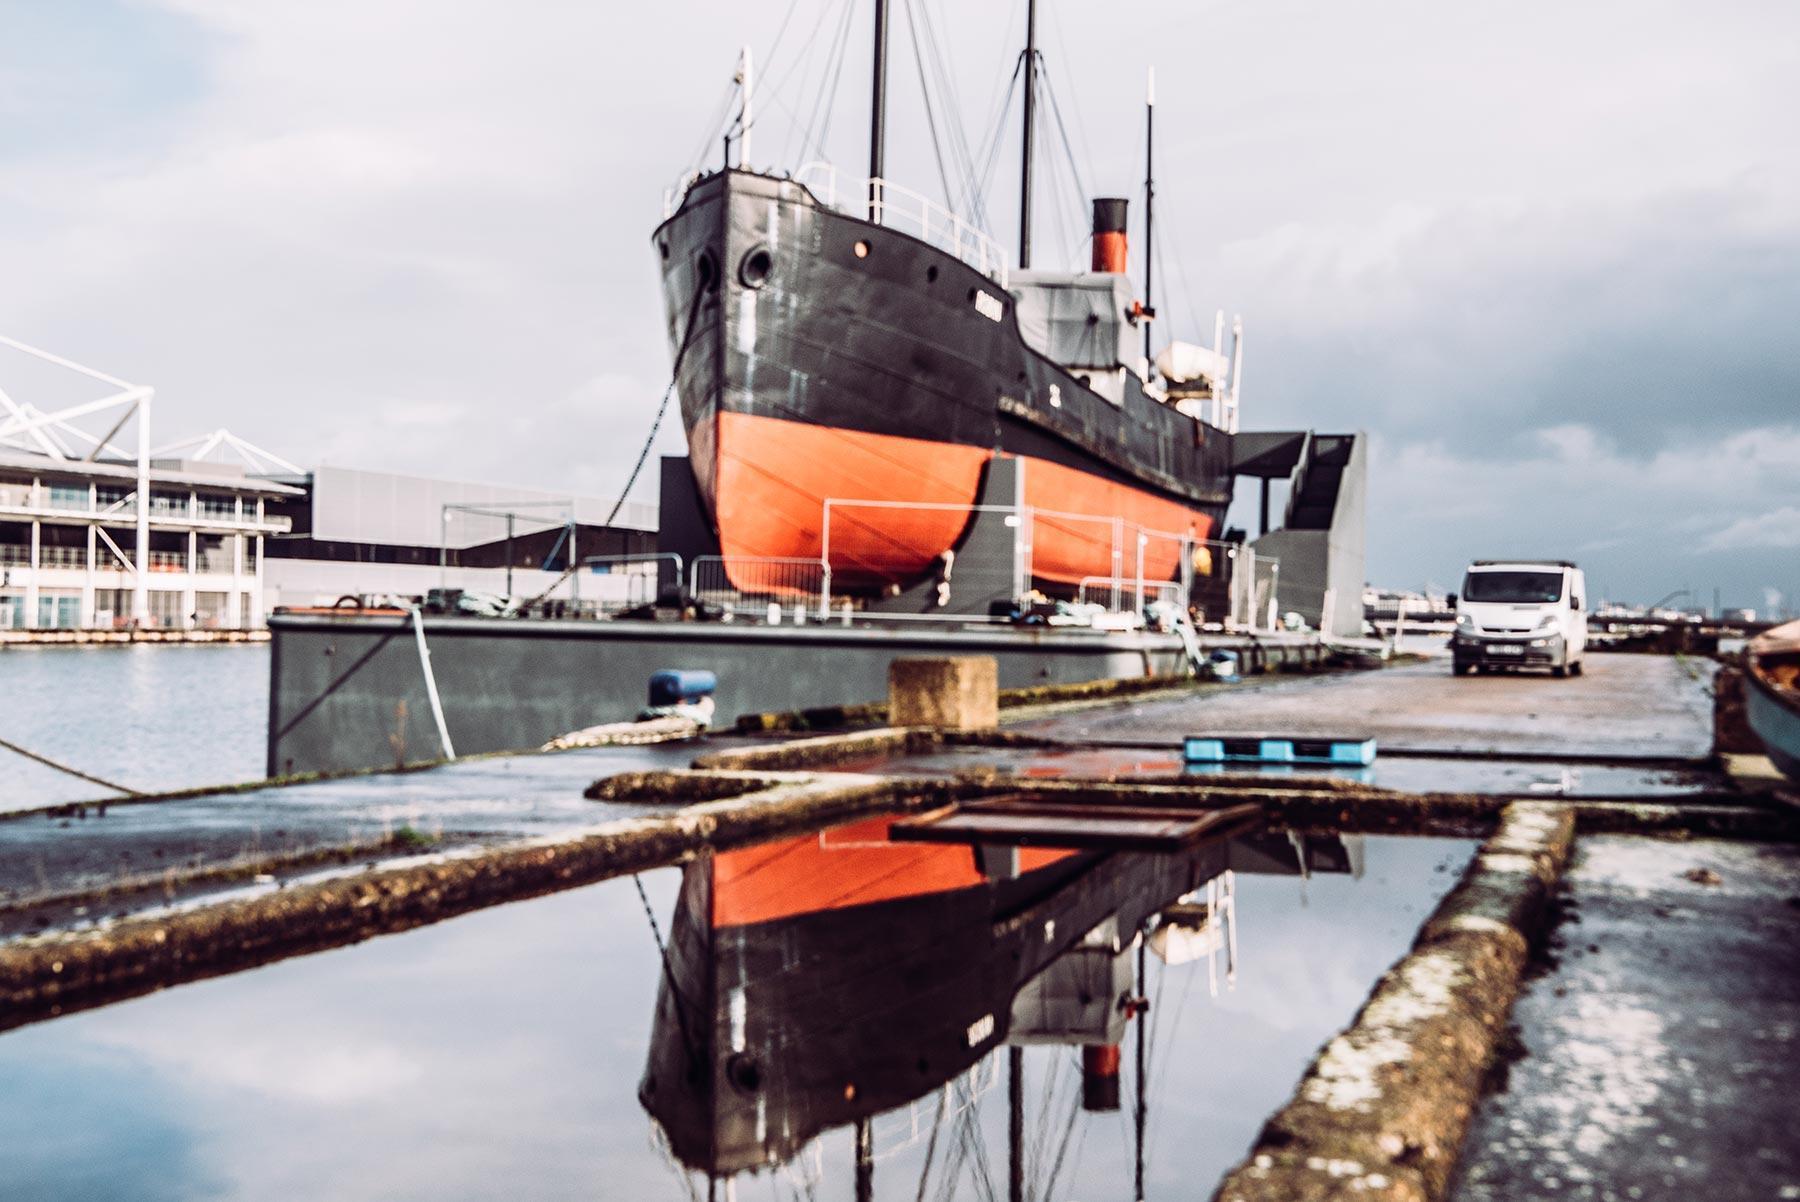 SS Robin in the Royal Docks